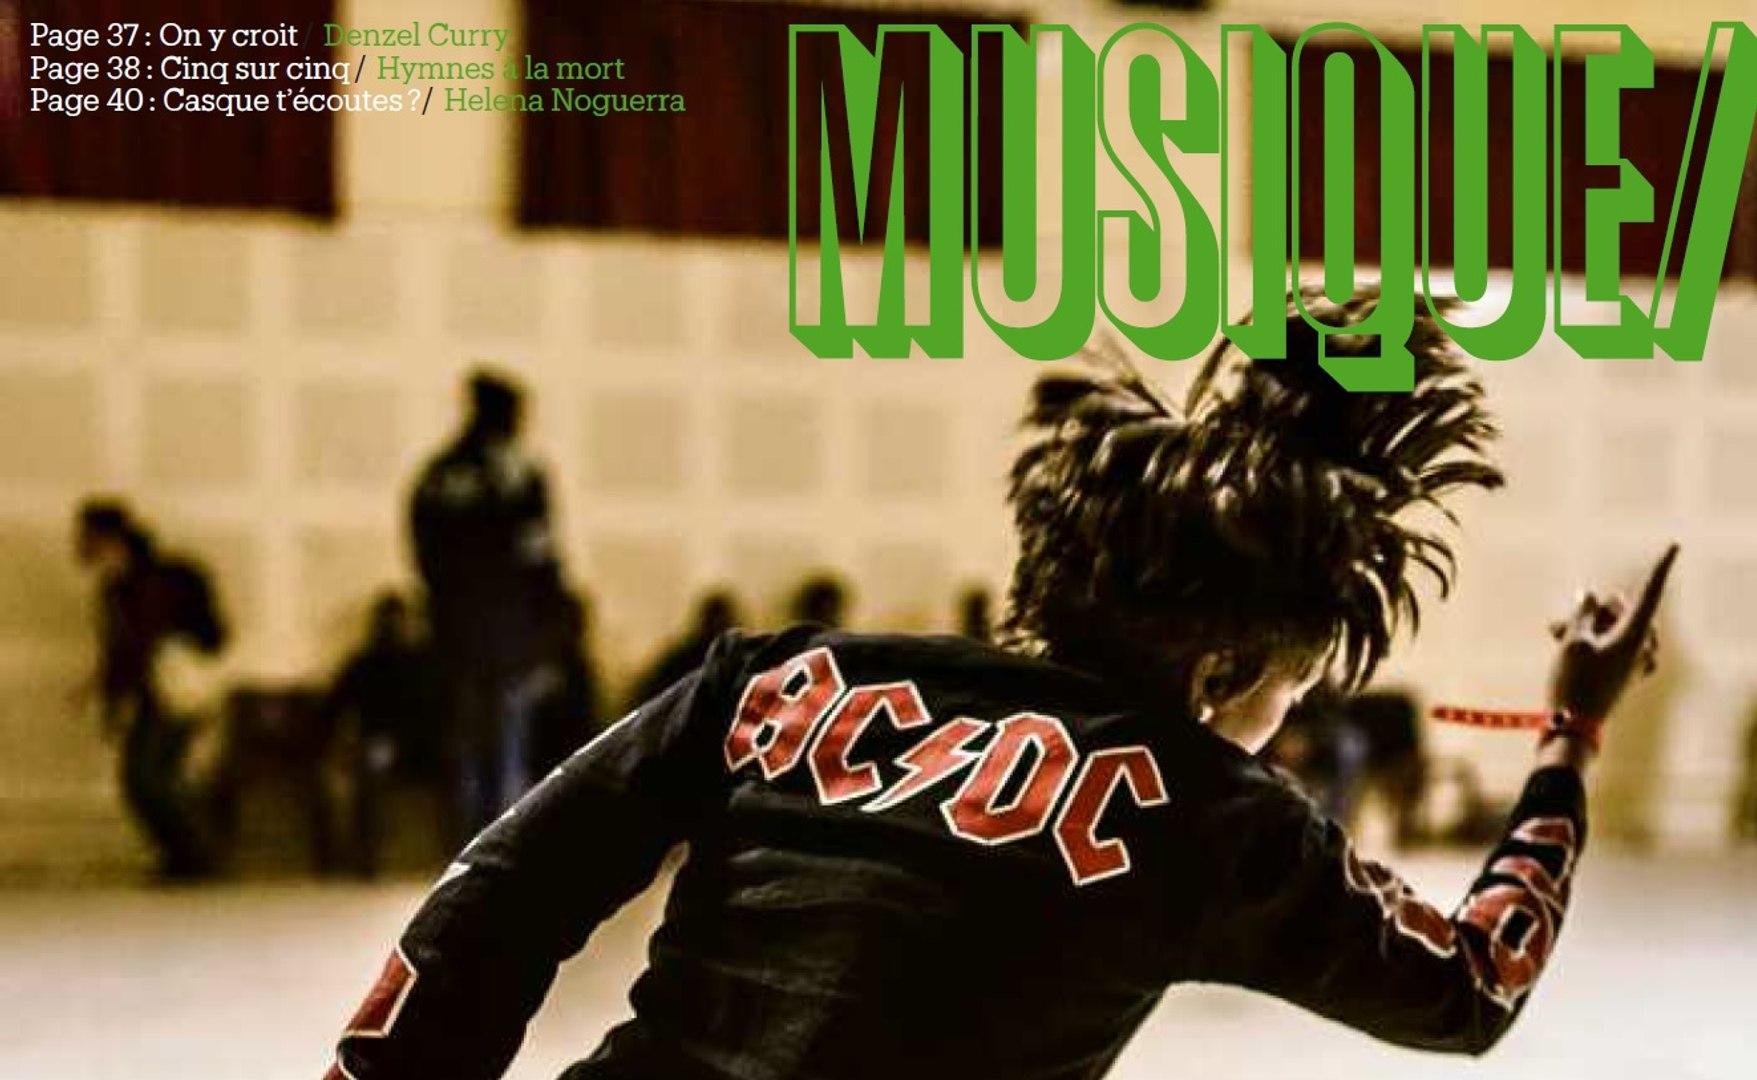 Bob Marley, Marc Morvan, Agoria, Childish Gambino... : la playlist du cahier musique de Libé